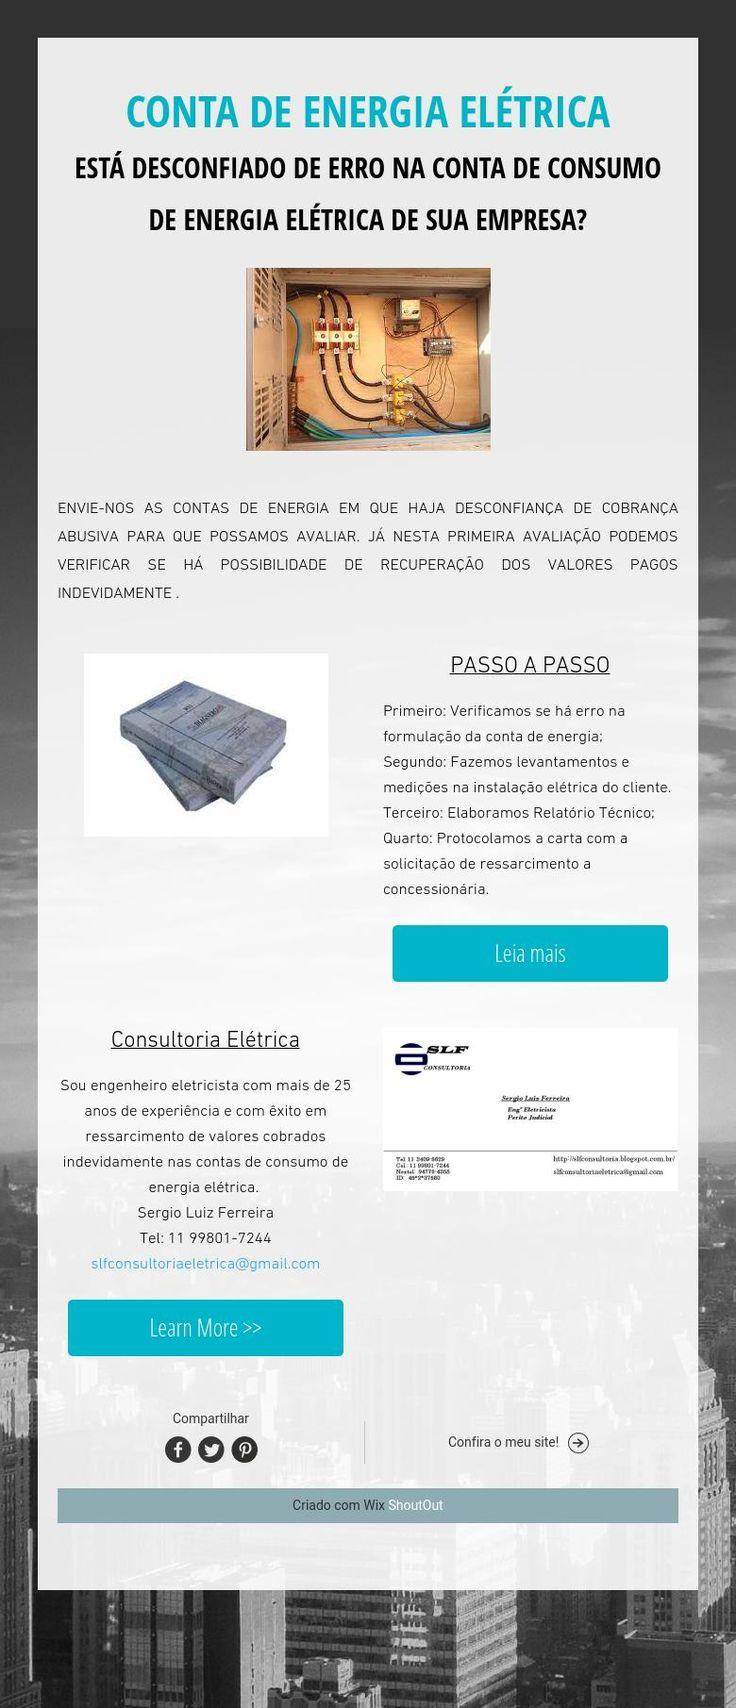 CONTA DE ENERGIA ELÉTRICA ESTÁ DESCONFIADO DE ERRO NA CONTA DECONSUMO DE ENERGIA ELÉTRICA DE SUA EMPRESA?